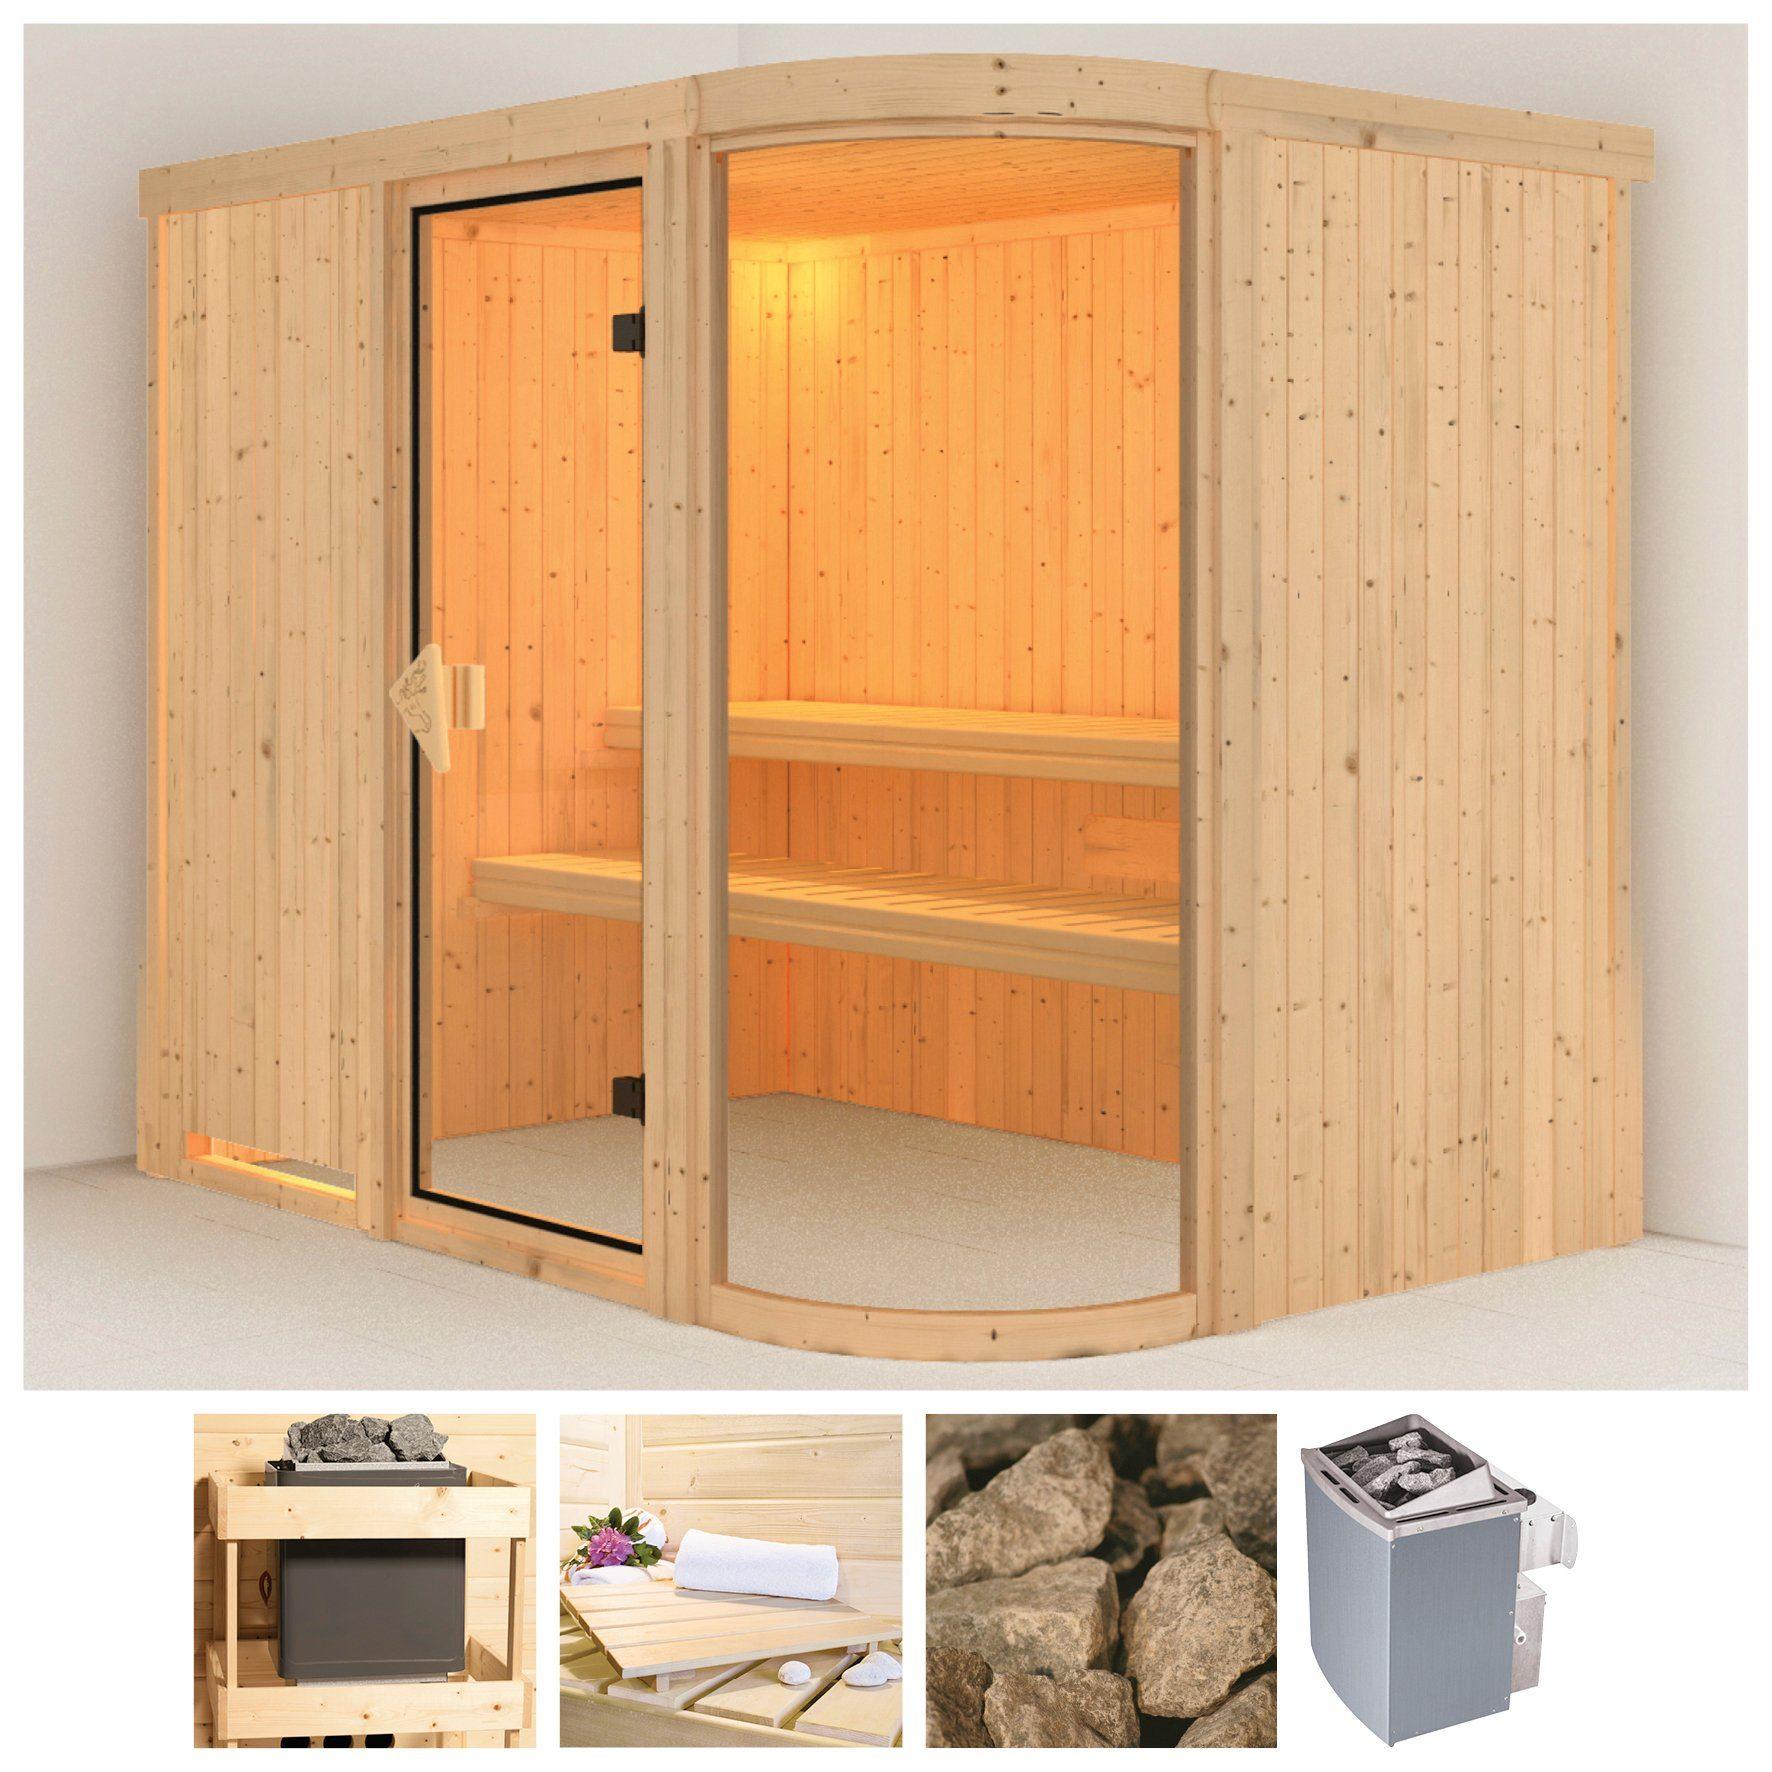 KARIBU Sauna »Parima 4«, 231x170x198 cm, 9 kW Ofen mit int. Steuerung